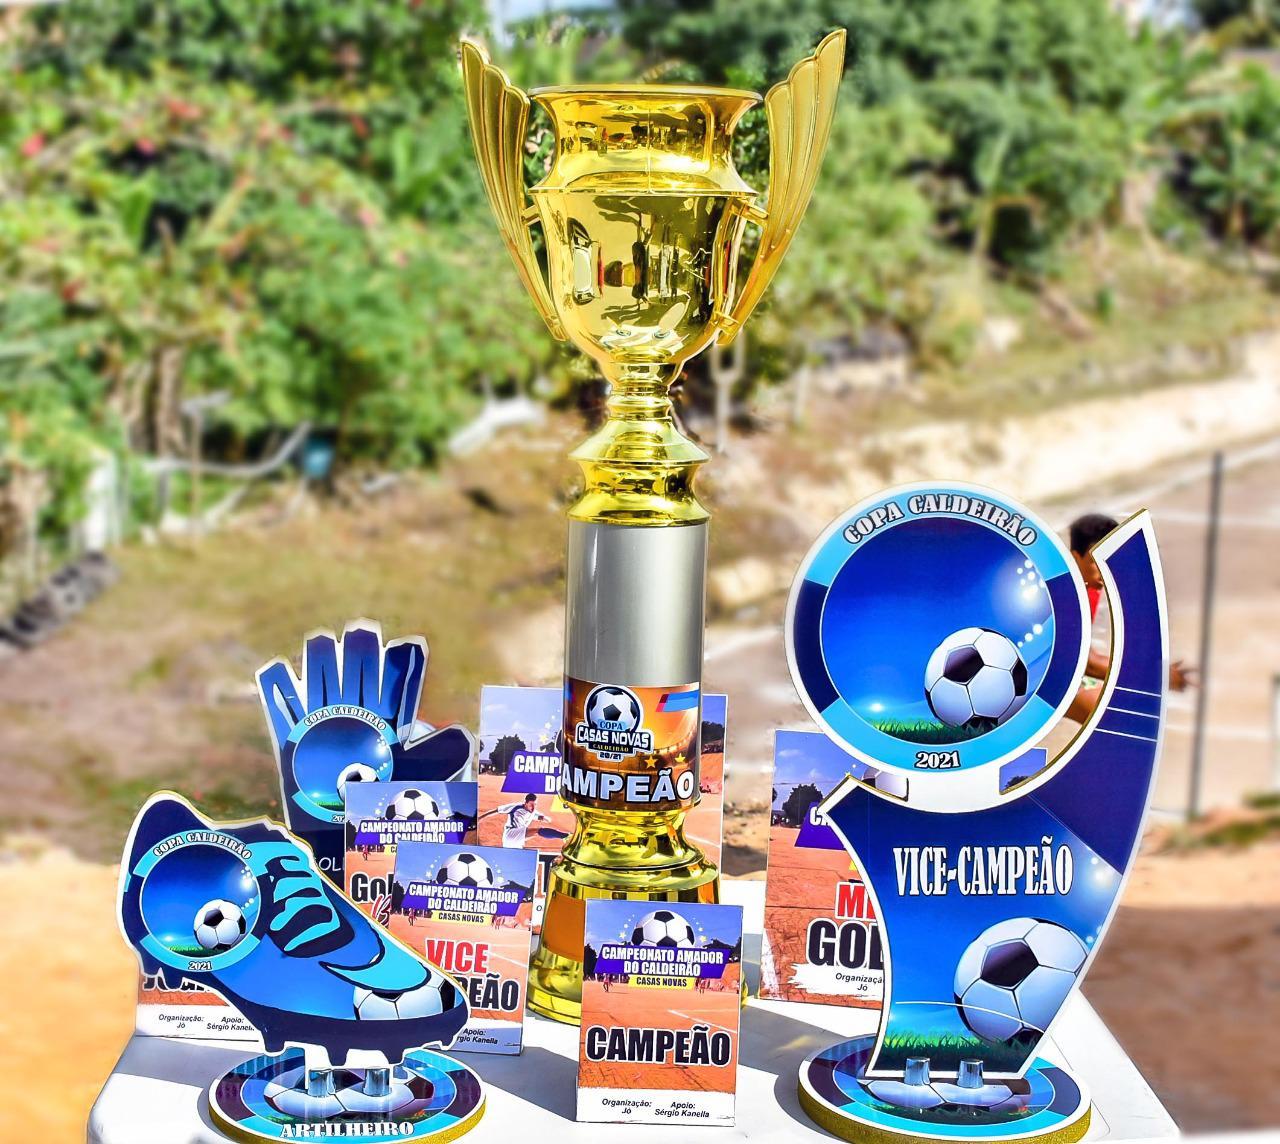 Porto Seguro: A final da Copa Casas Novas aconteceu na tarde deste sábado, 6/2, no Campo Caldeirão 29